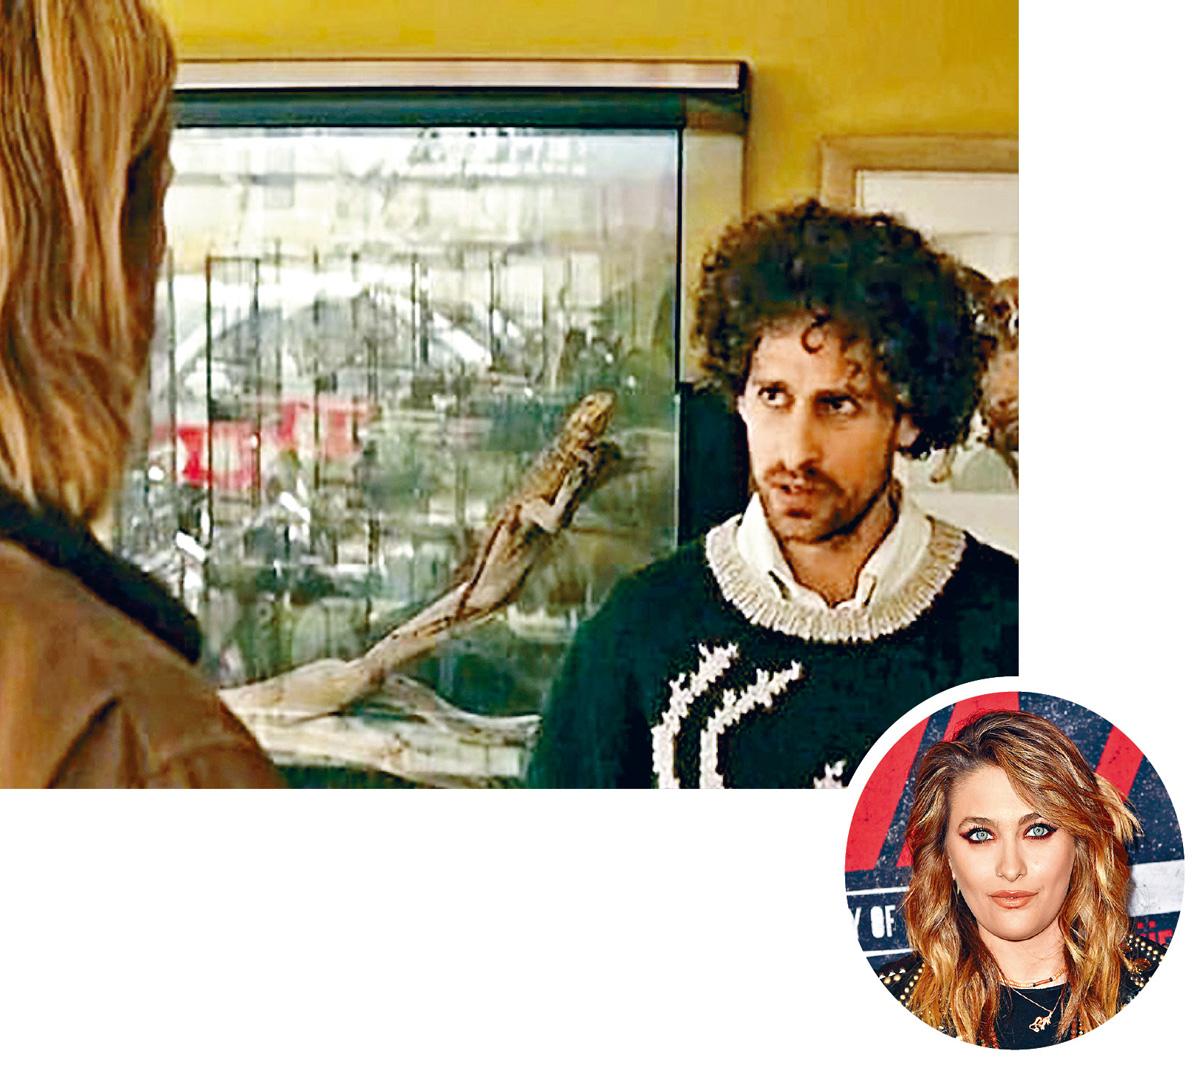 ■曾演出《雷神》的Isaac去年曾襲擊Paris(圓圖)而被警方調查。(網上圖片)